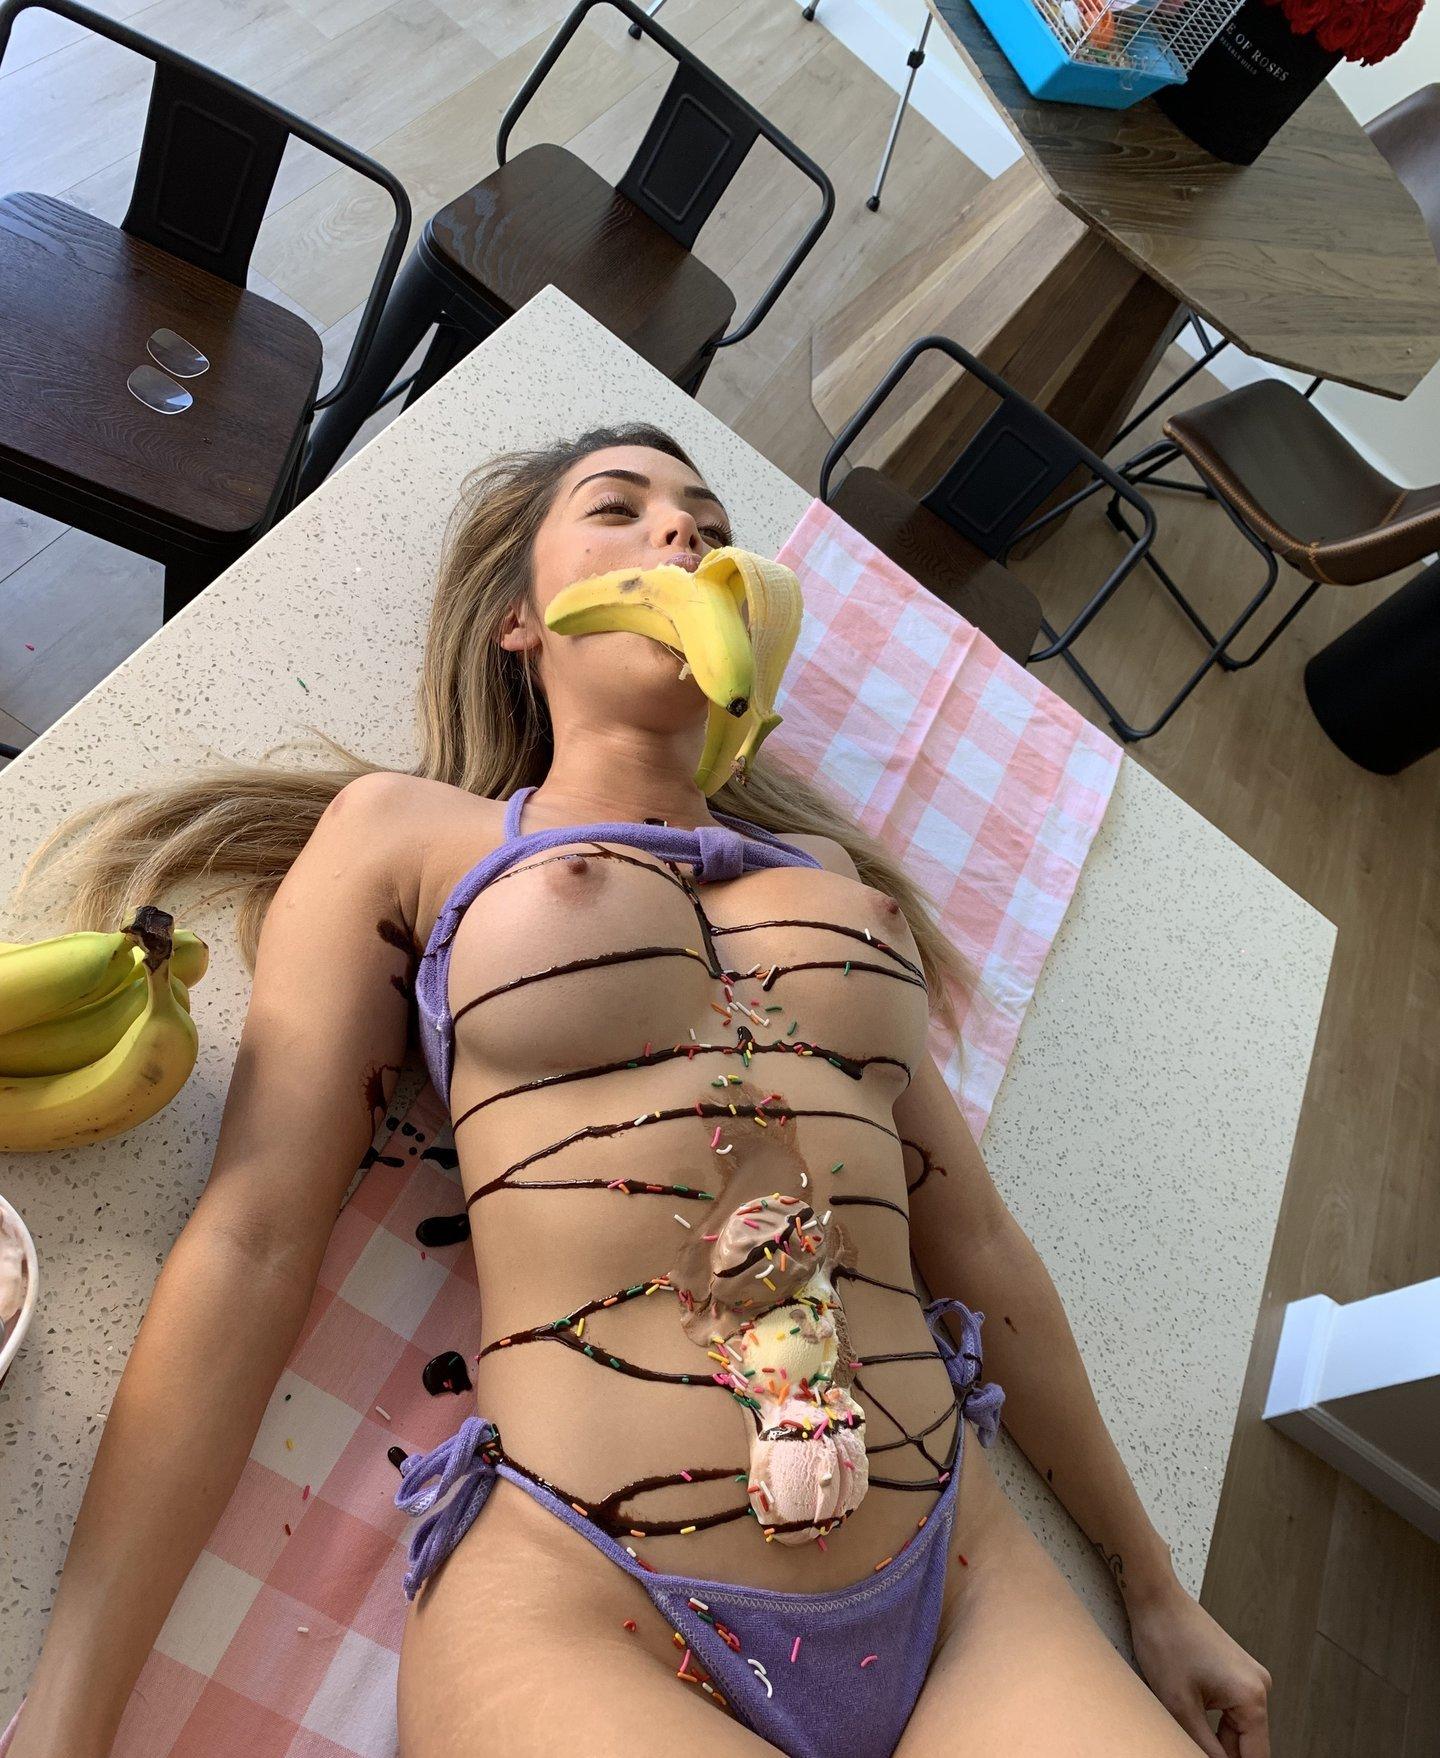 Lana Rhoades Lanarhoades Onlyfans Nude Leaks 0009